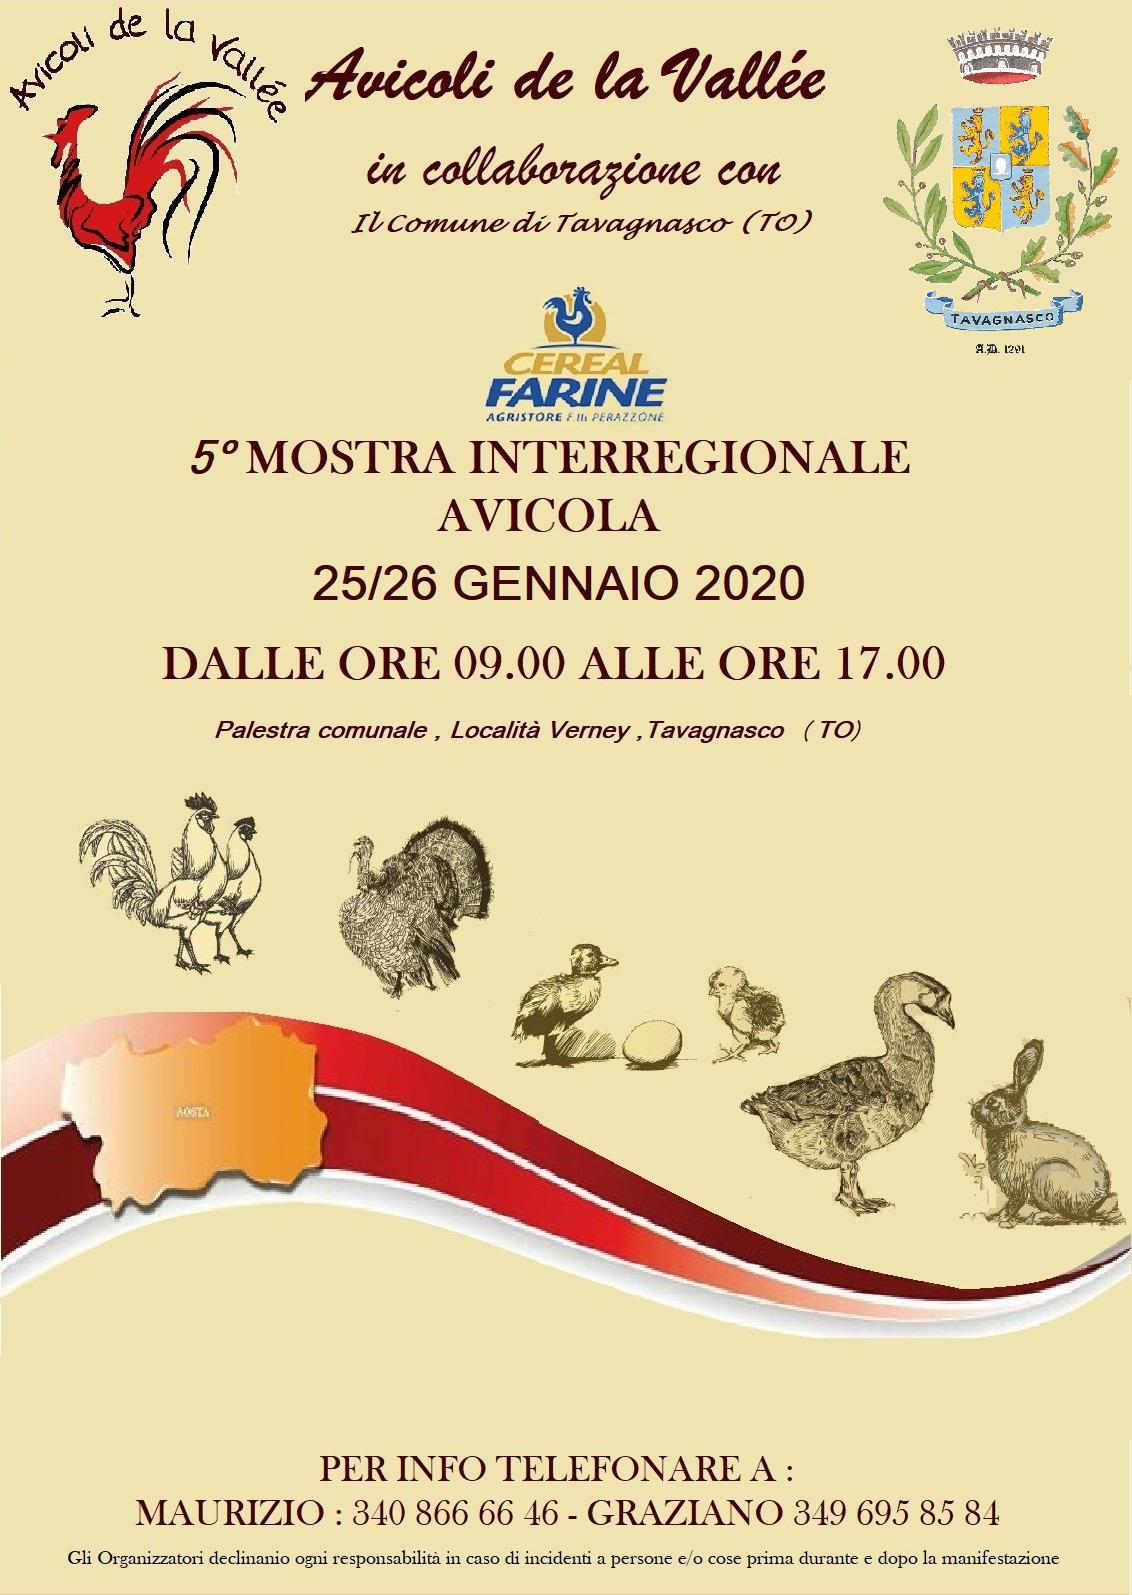 5a Mostra Interregionale Avicola